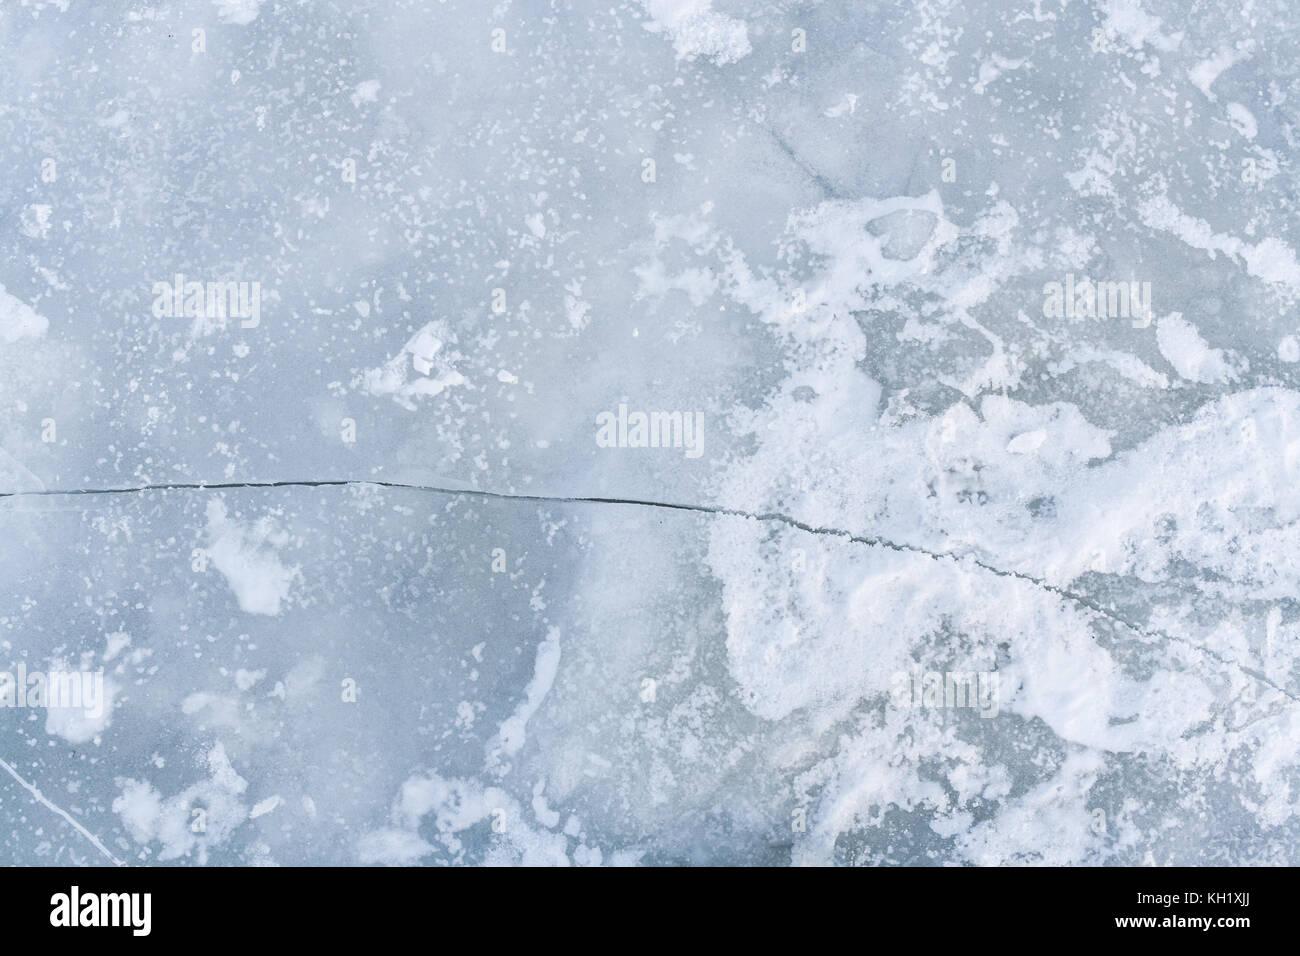 La grieta en el hielo de la superficie del río. Foto de stock